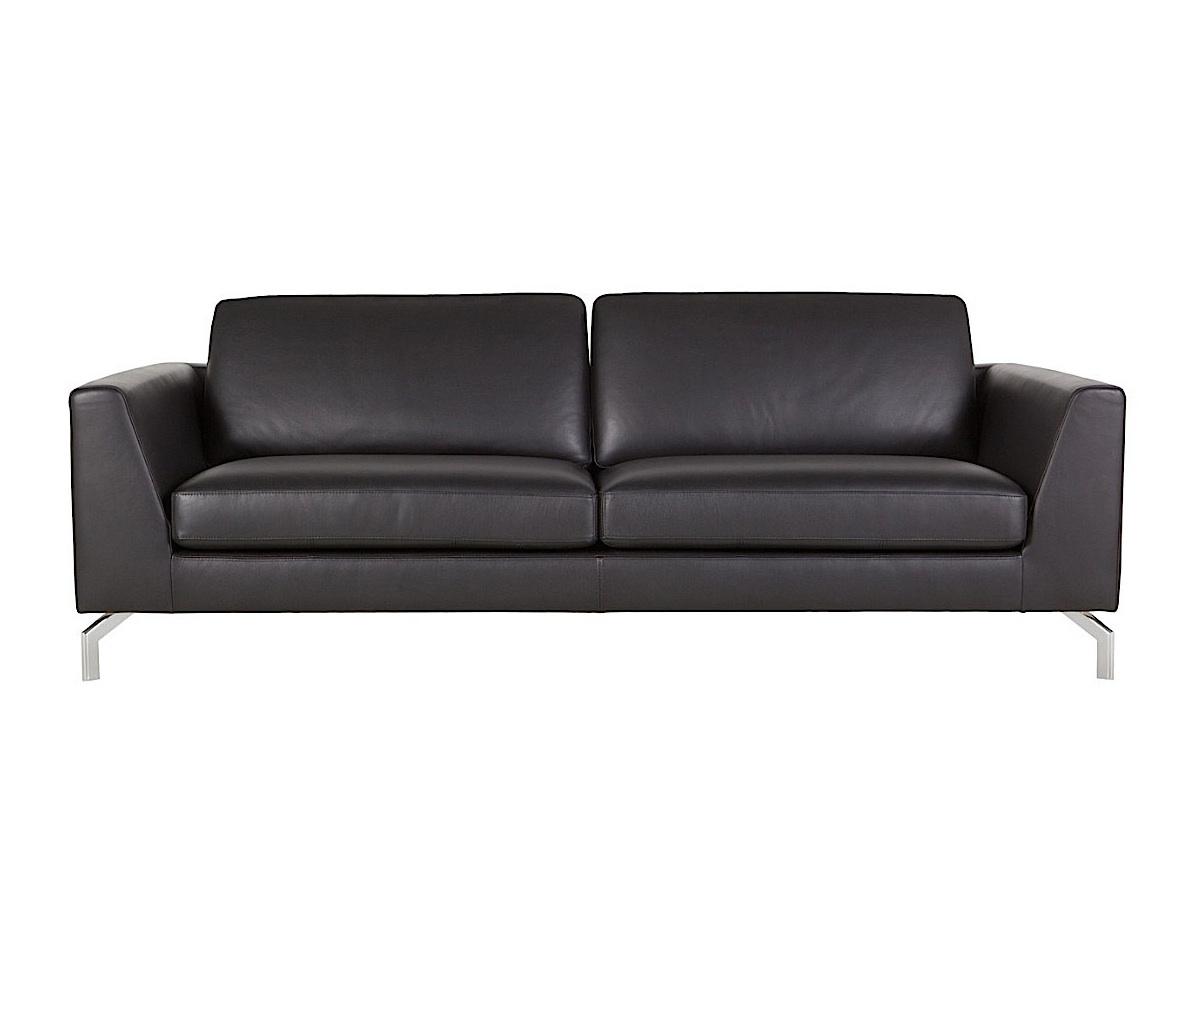 Allegra 2 Seater Sofa-30168